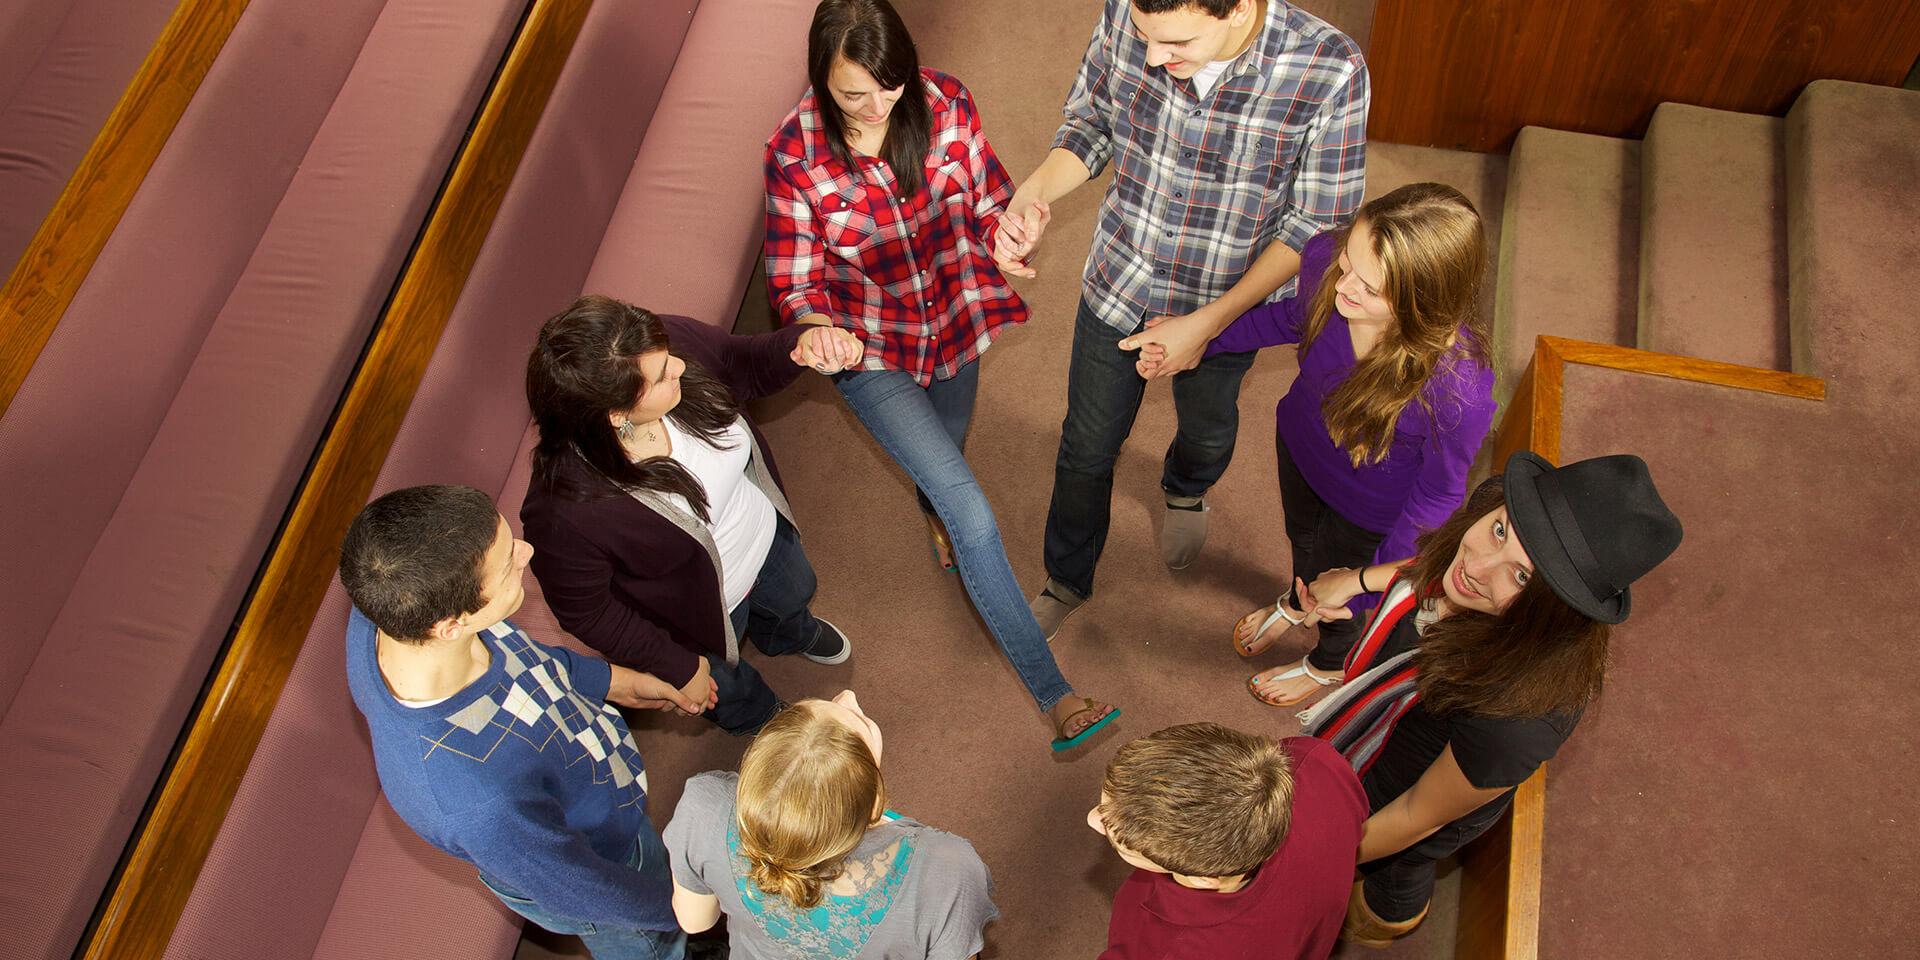 Junge Menschengruppe, © iStock / pastorscott